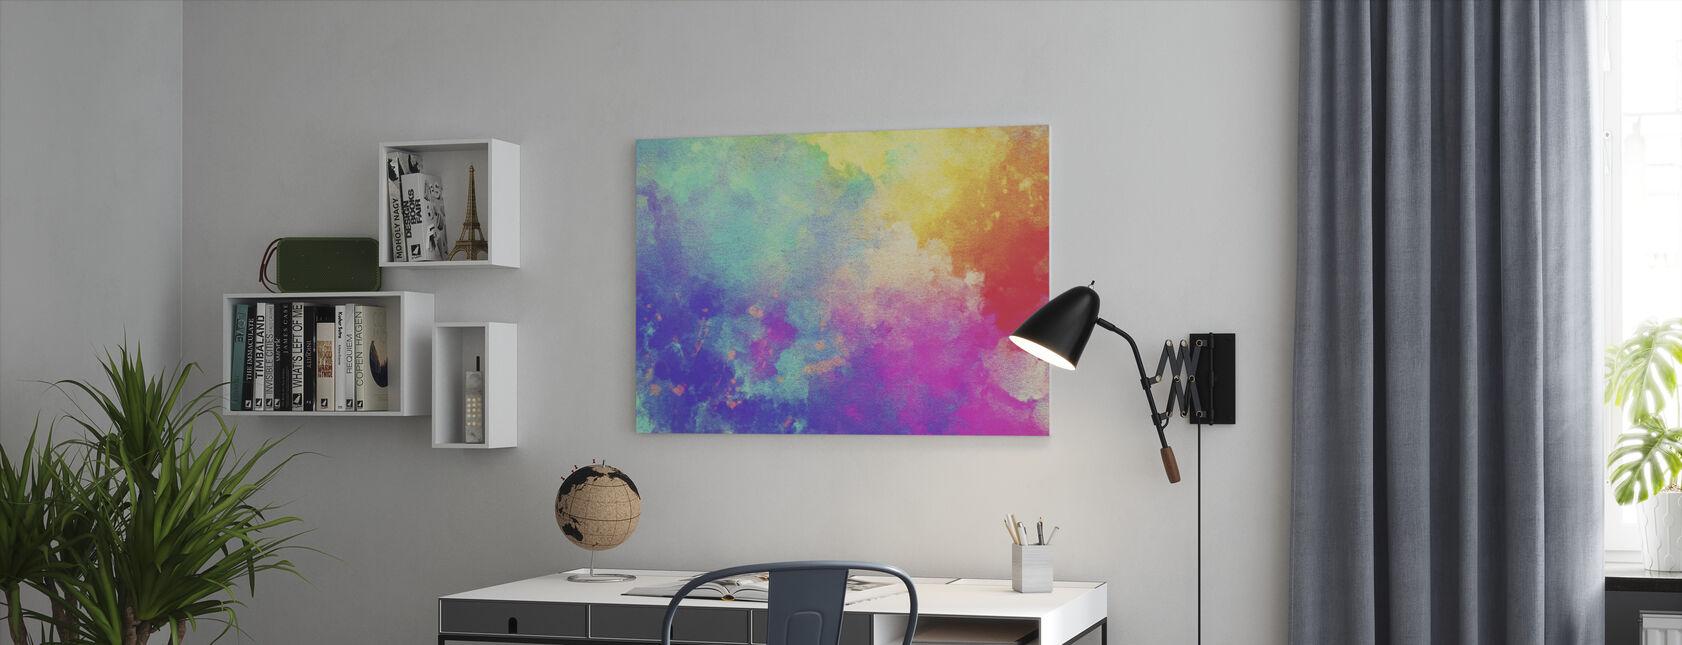 Aquarel Getextureerde Achtergrond - Canvas print - Kantoor